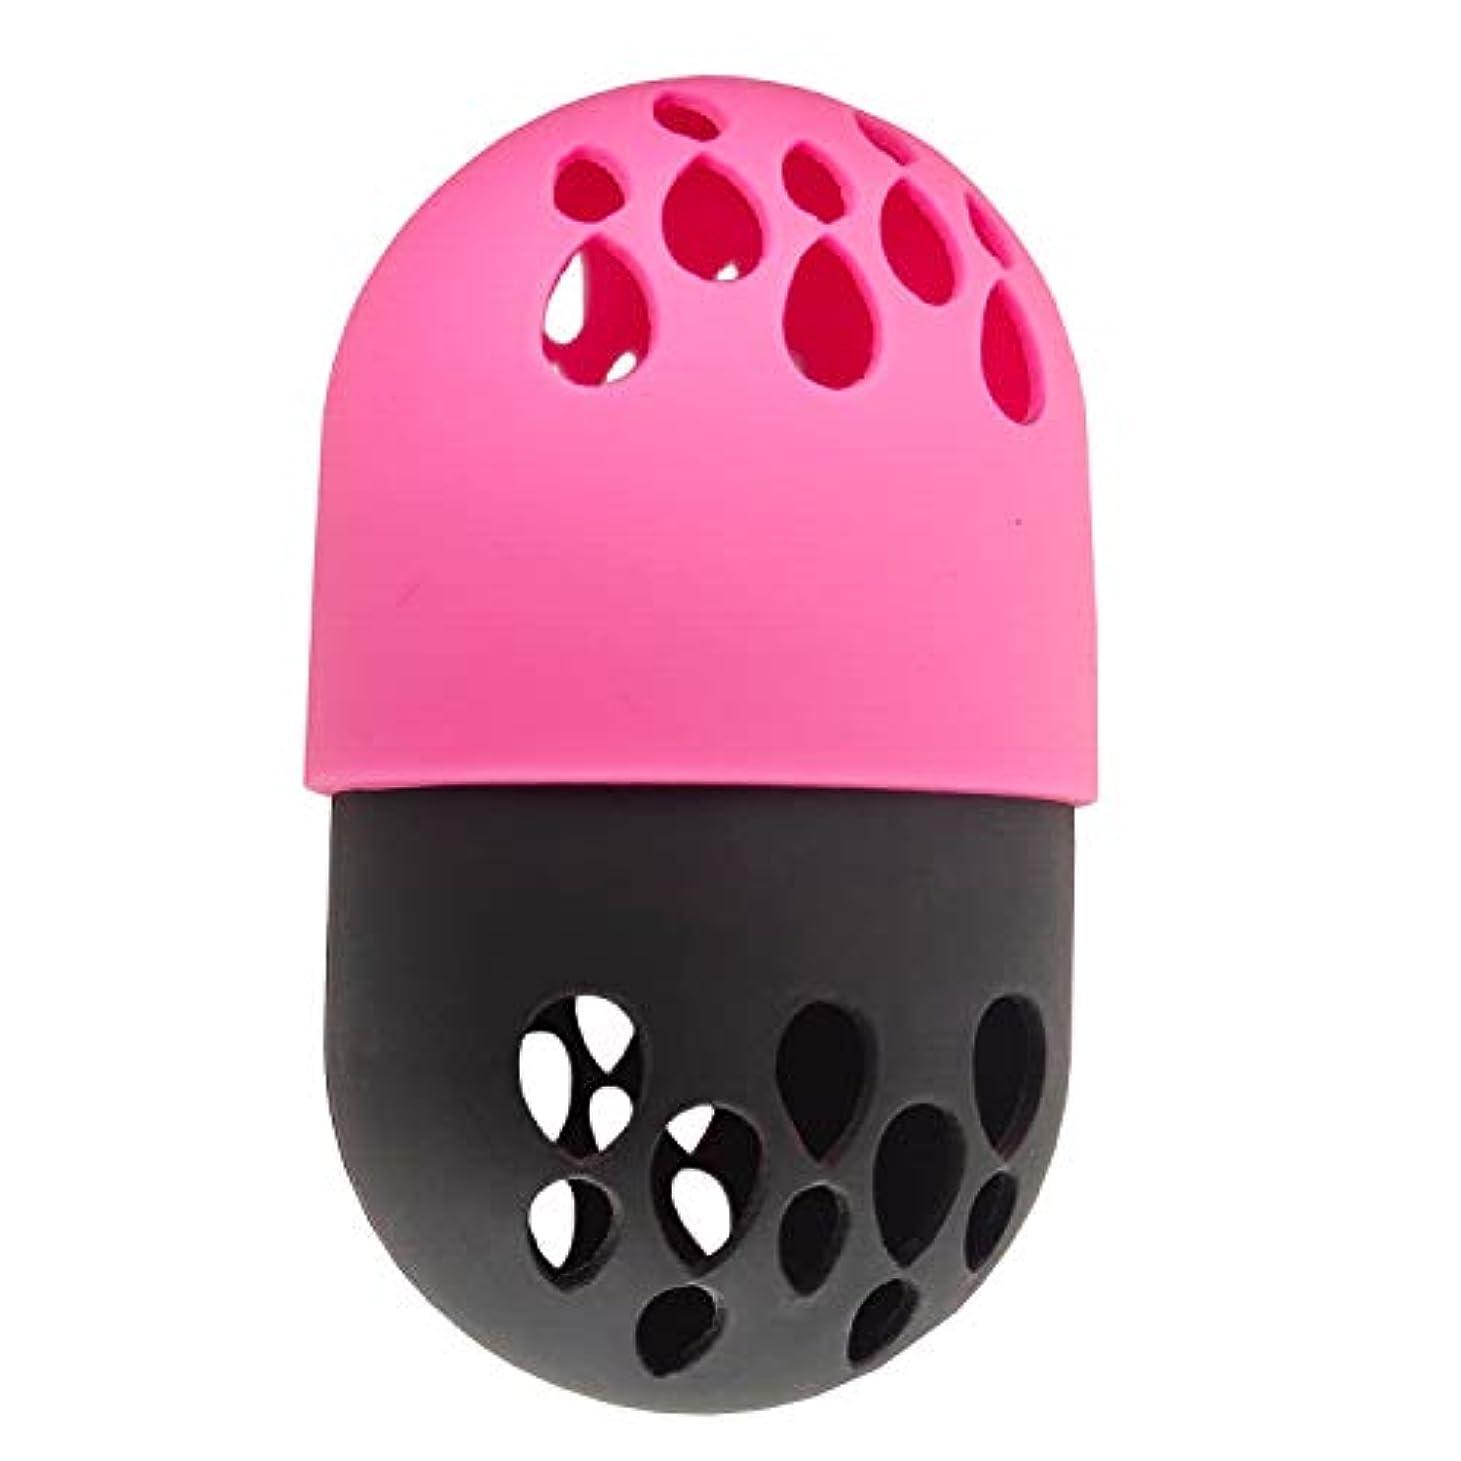 ガチョウスコアかどうか美容スポンジ収納ケース、通気性を柔らか美容スポンジ シリコン旅行 キャリングケース、小型軽量 あらゆる化粧スポンジ適用 (ピンク)